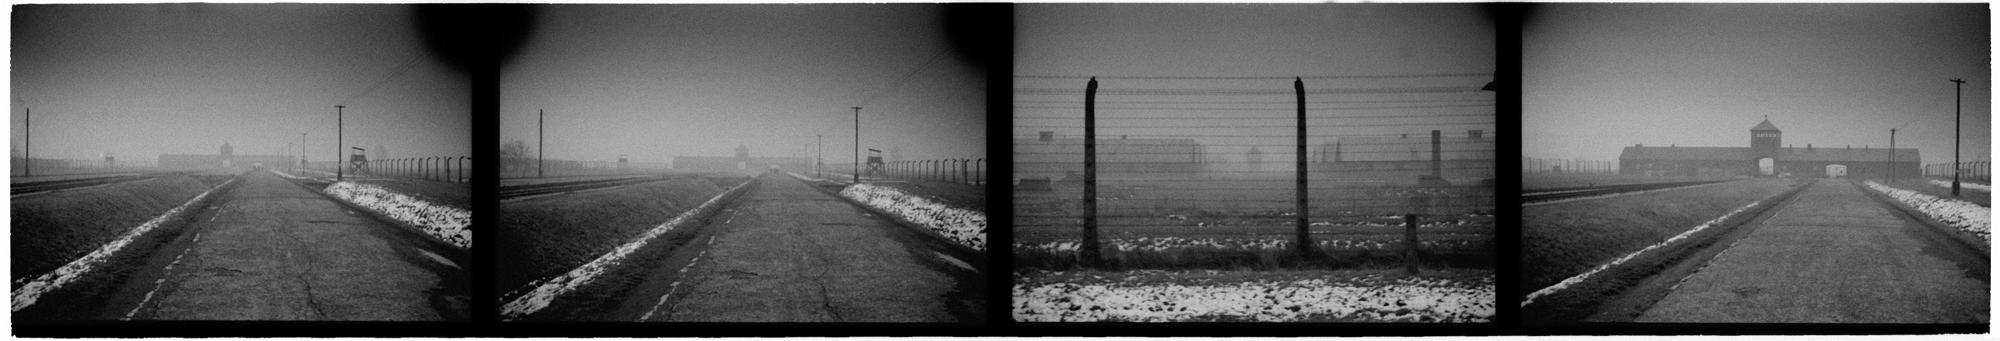 Auschwitz_revisited0010.jpg